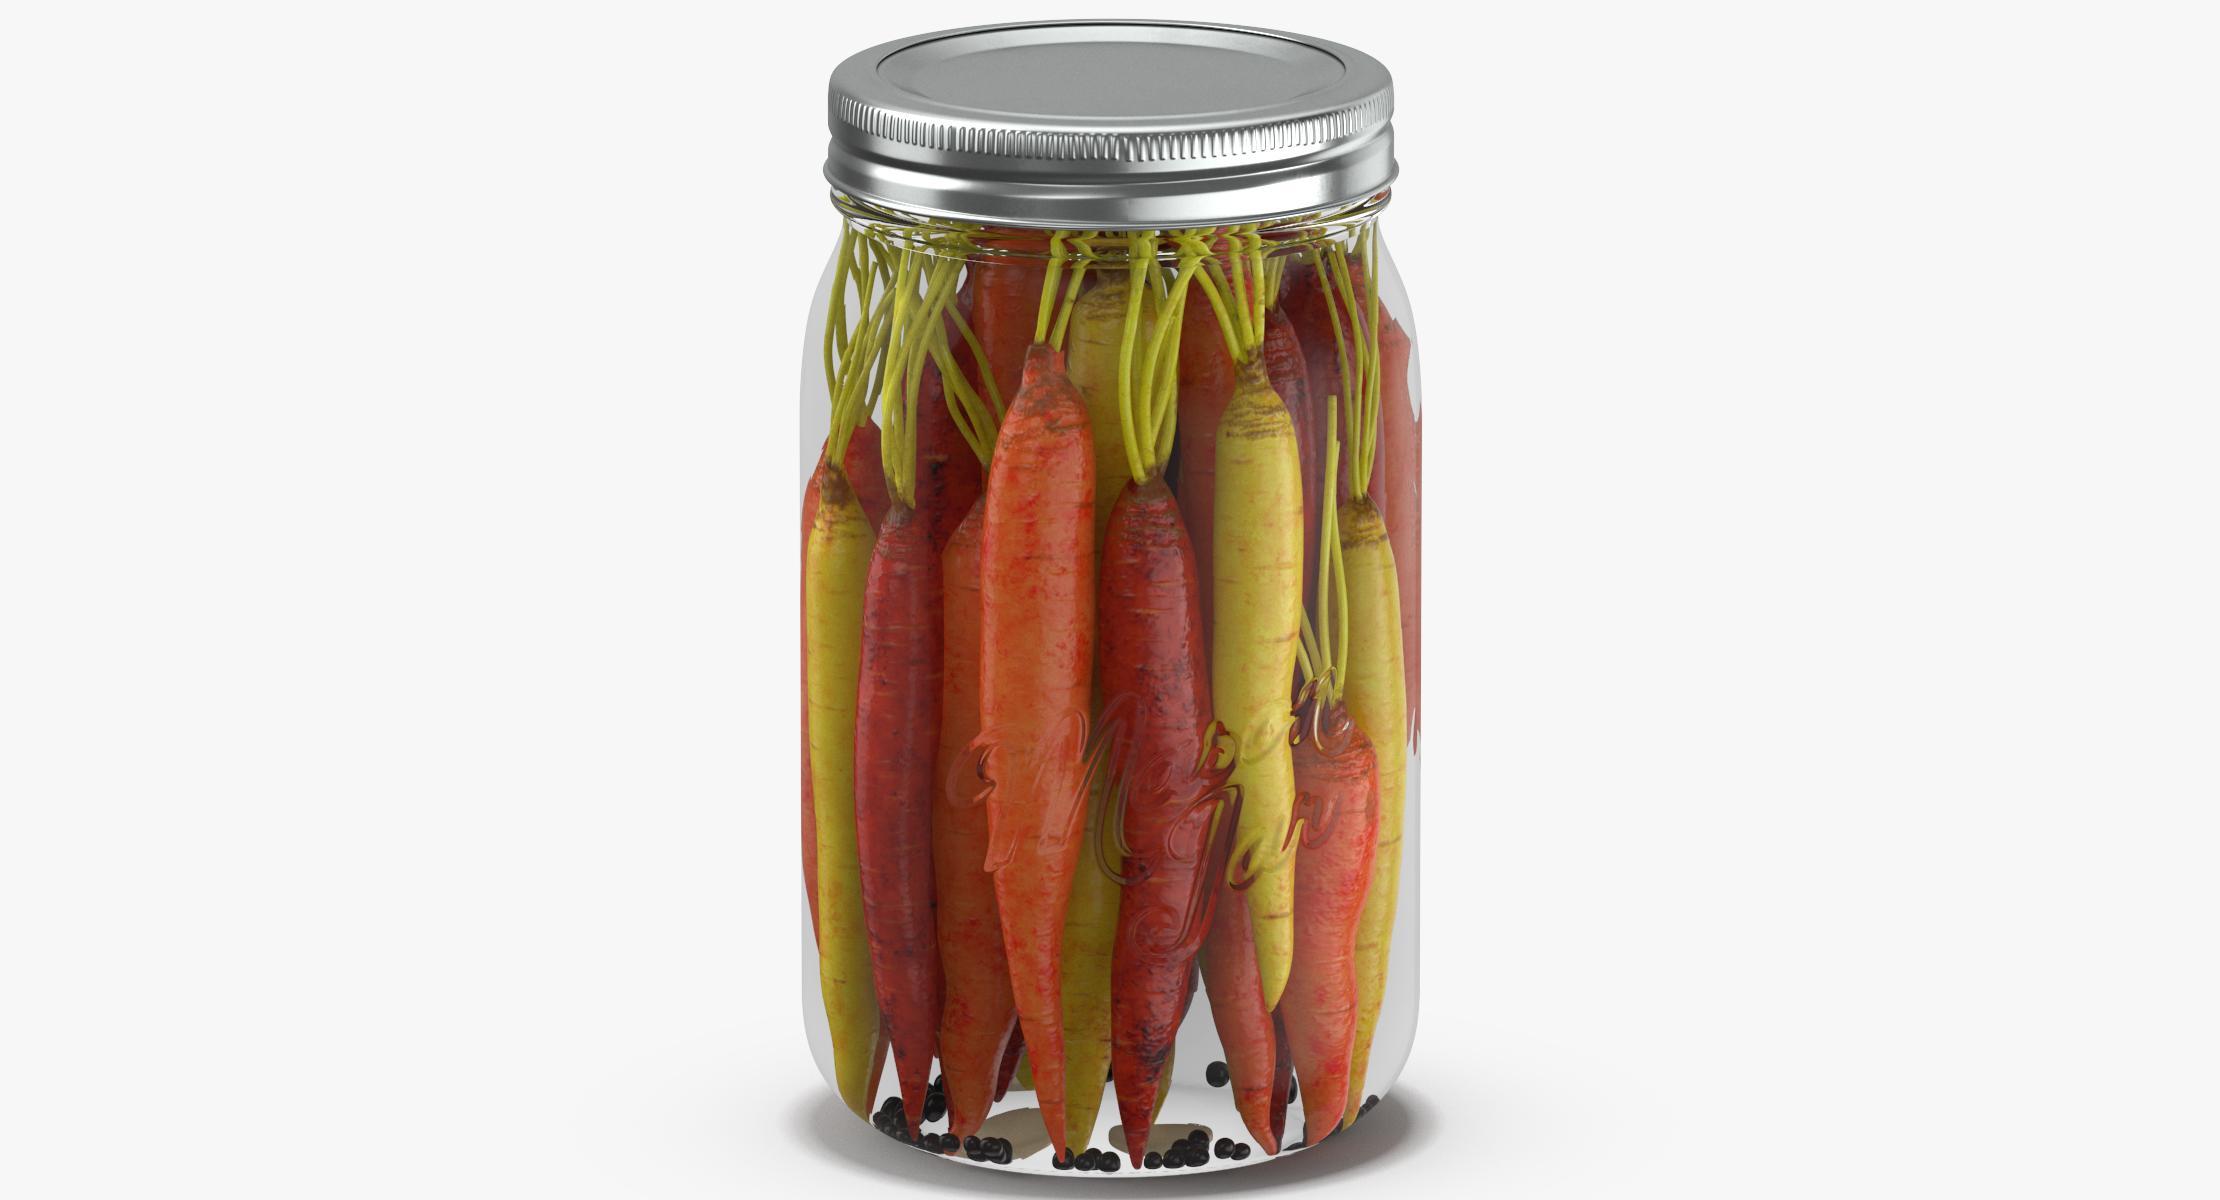 Pickled Jar 03 - reel 1